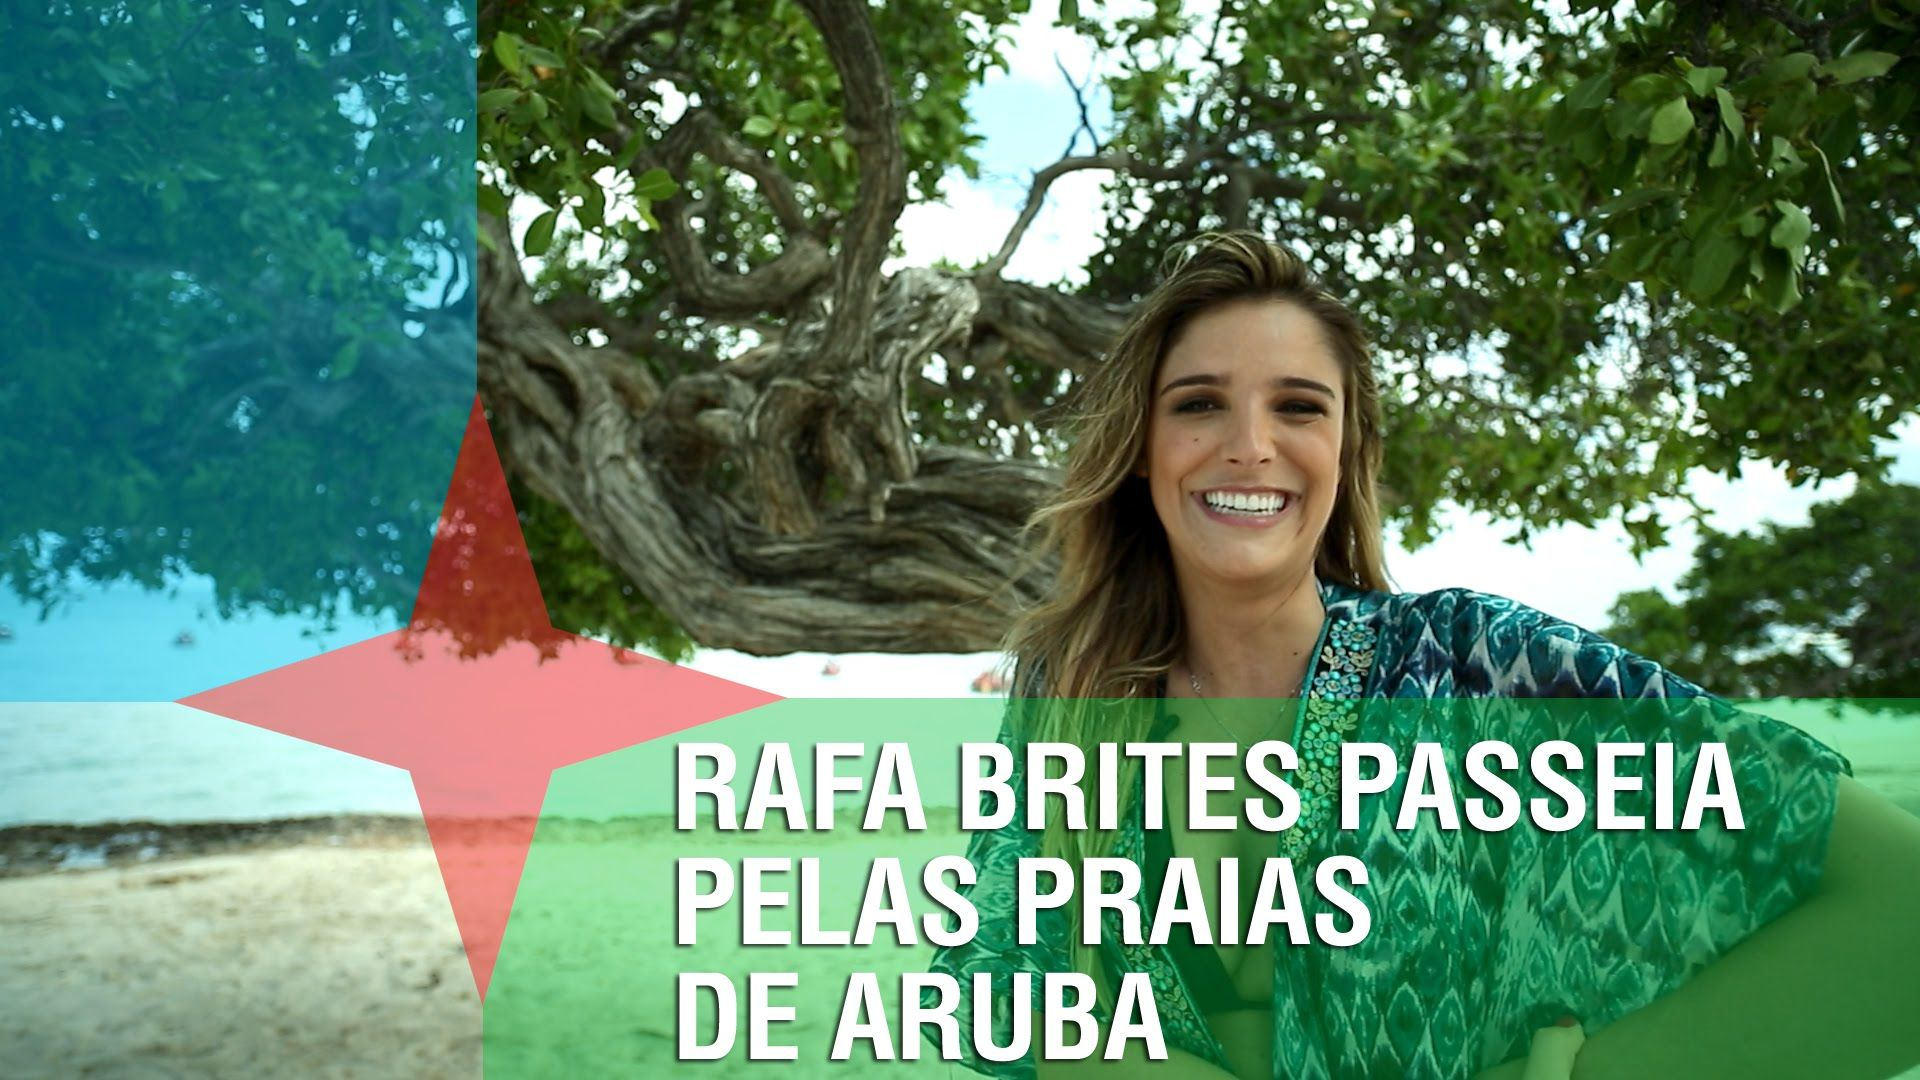 RAFA BRITES PASSEIA PELAS PRAIAS DE ARUBA